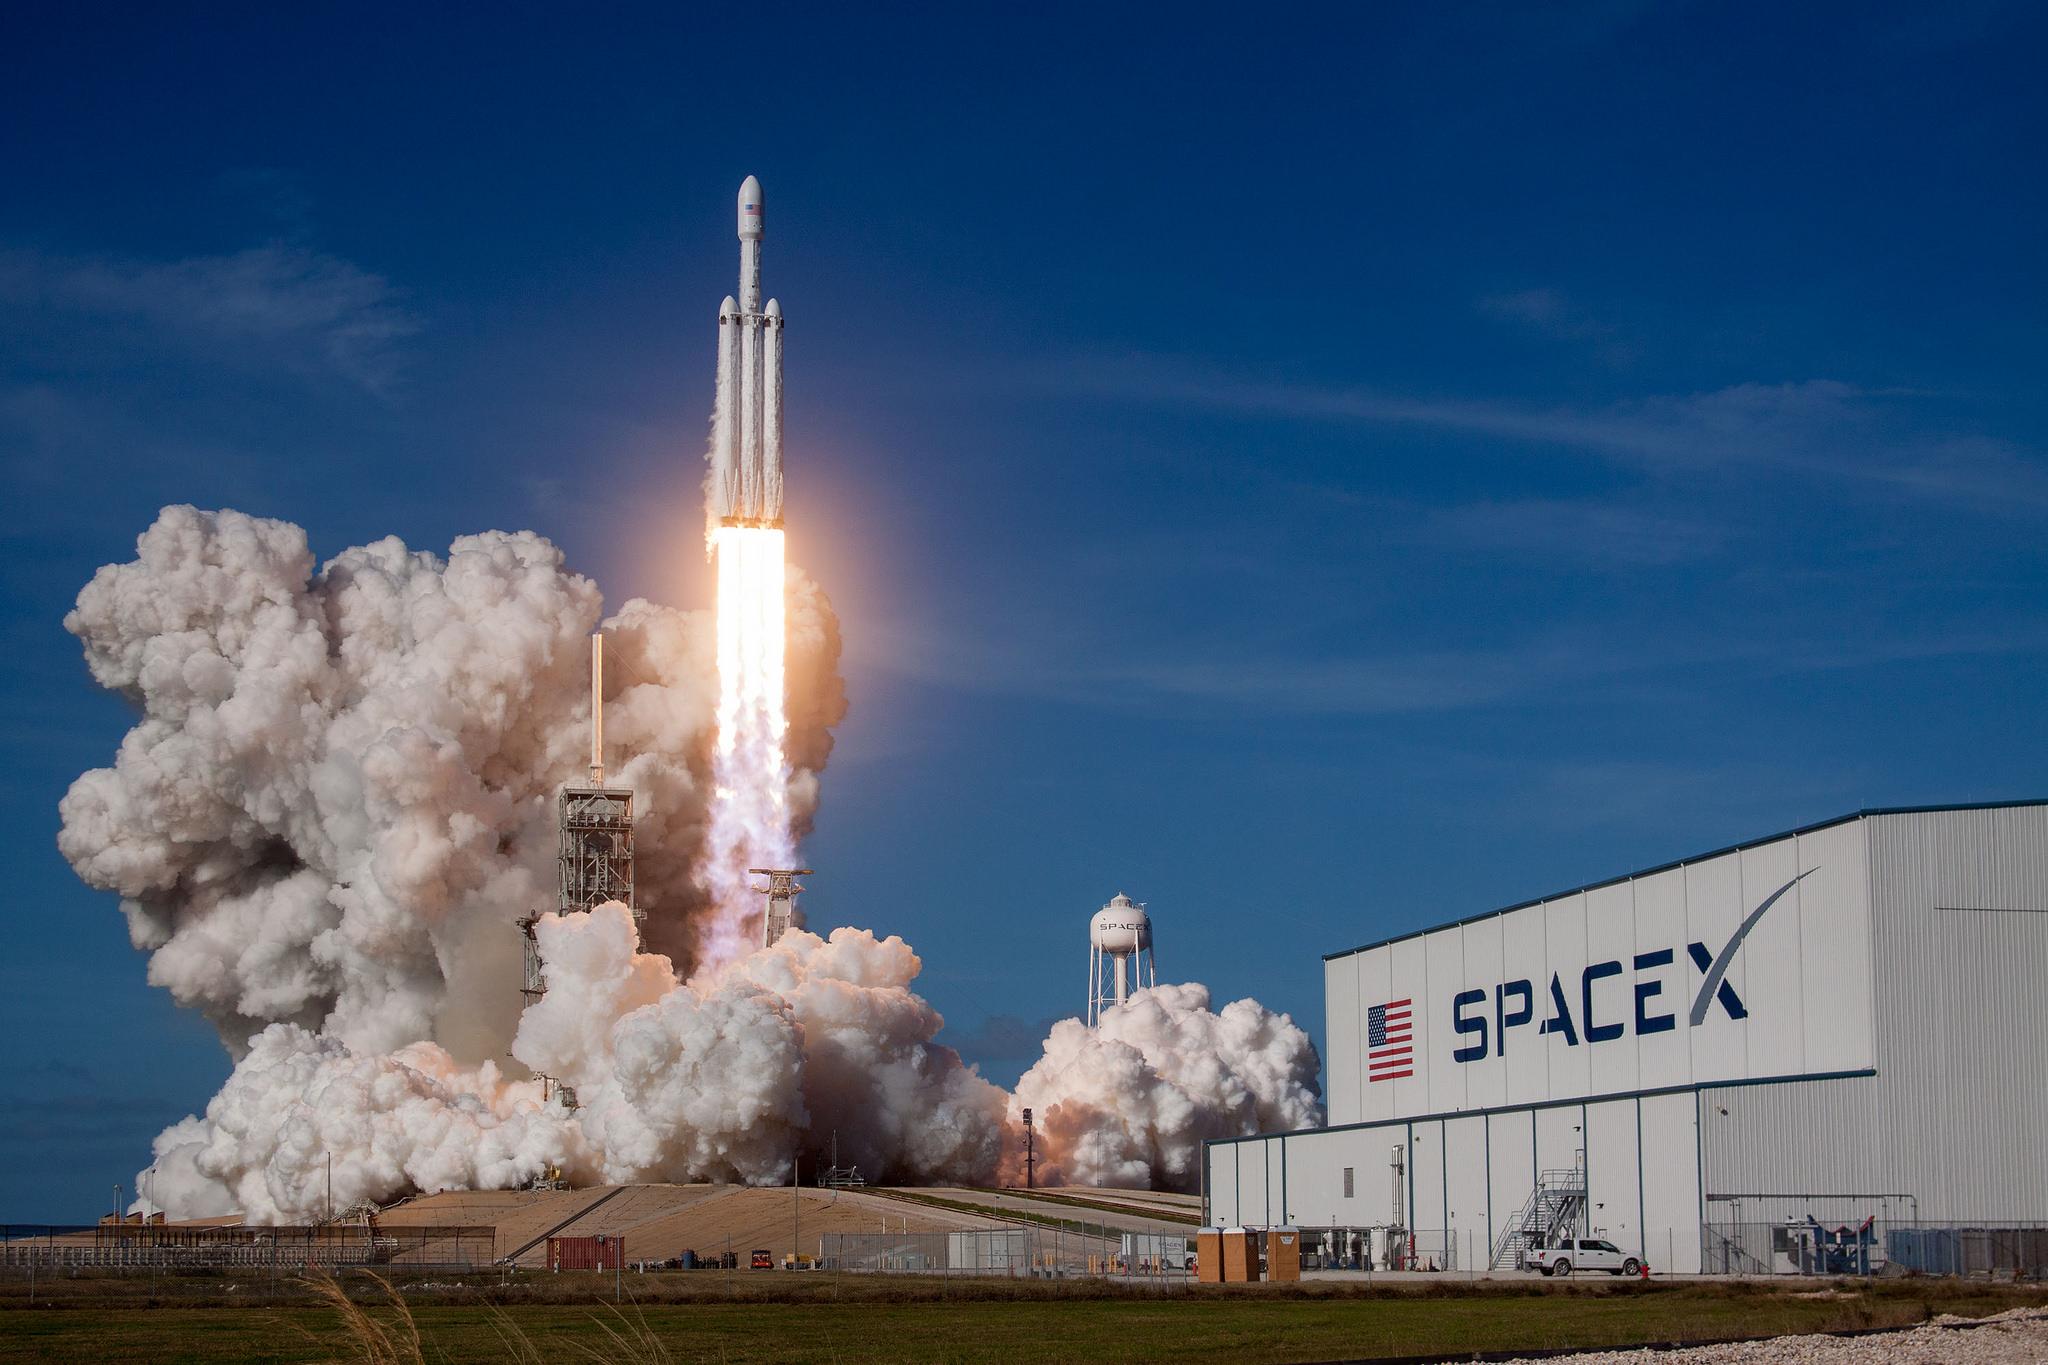 Wie Elon Musk einen Raketen-Testflug zum PR-Spektakel macht